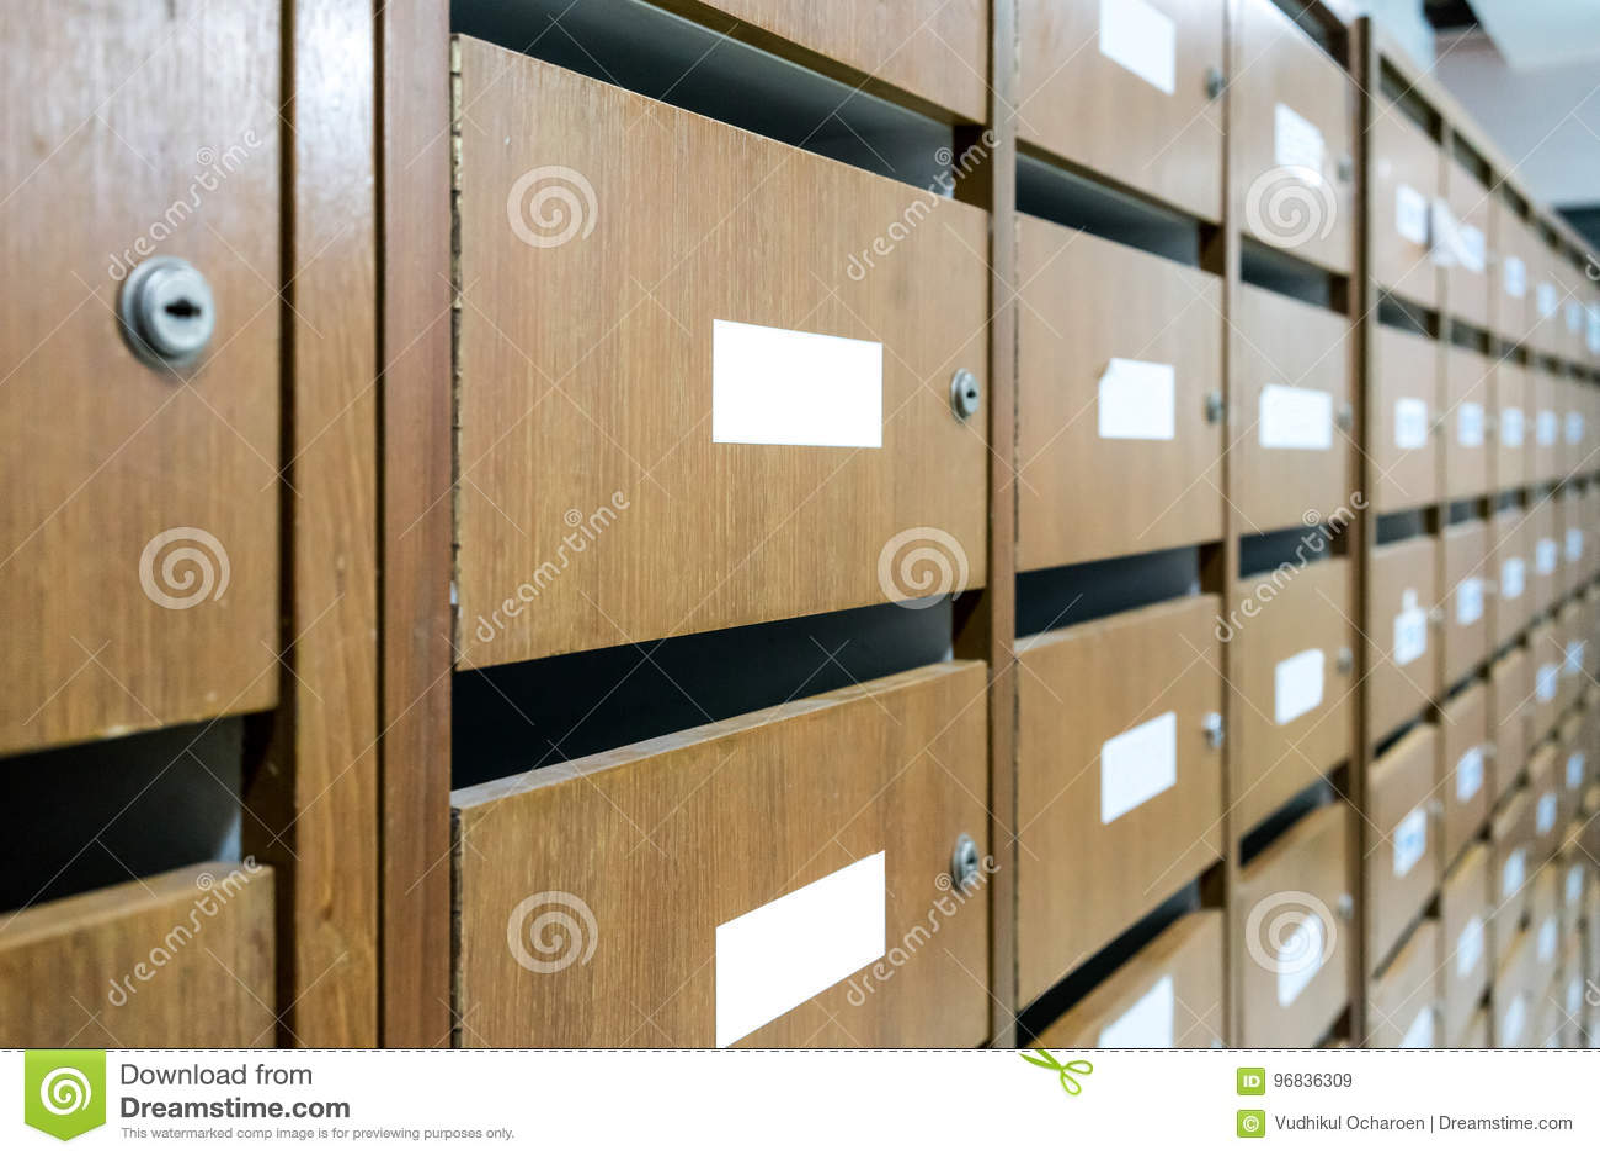 Parete di vecchi cassette delle lettere ed armadi postali di legno